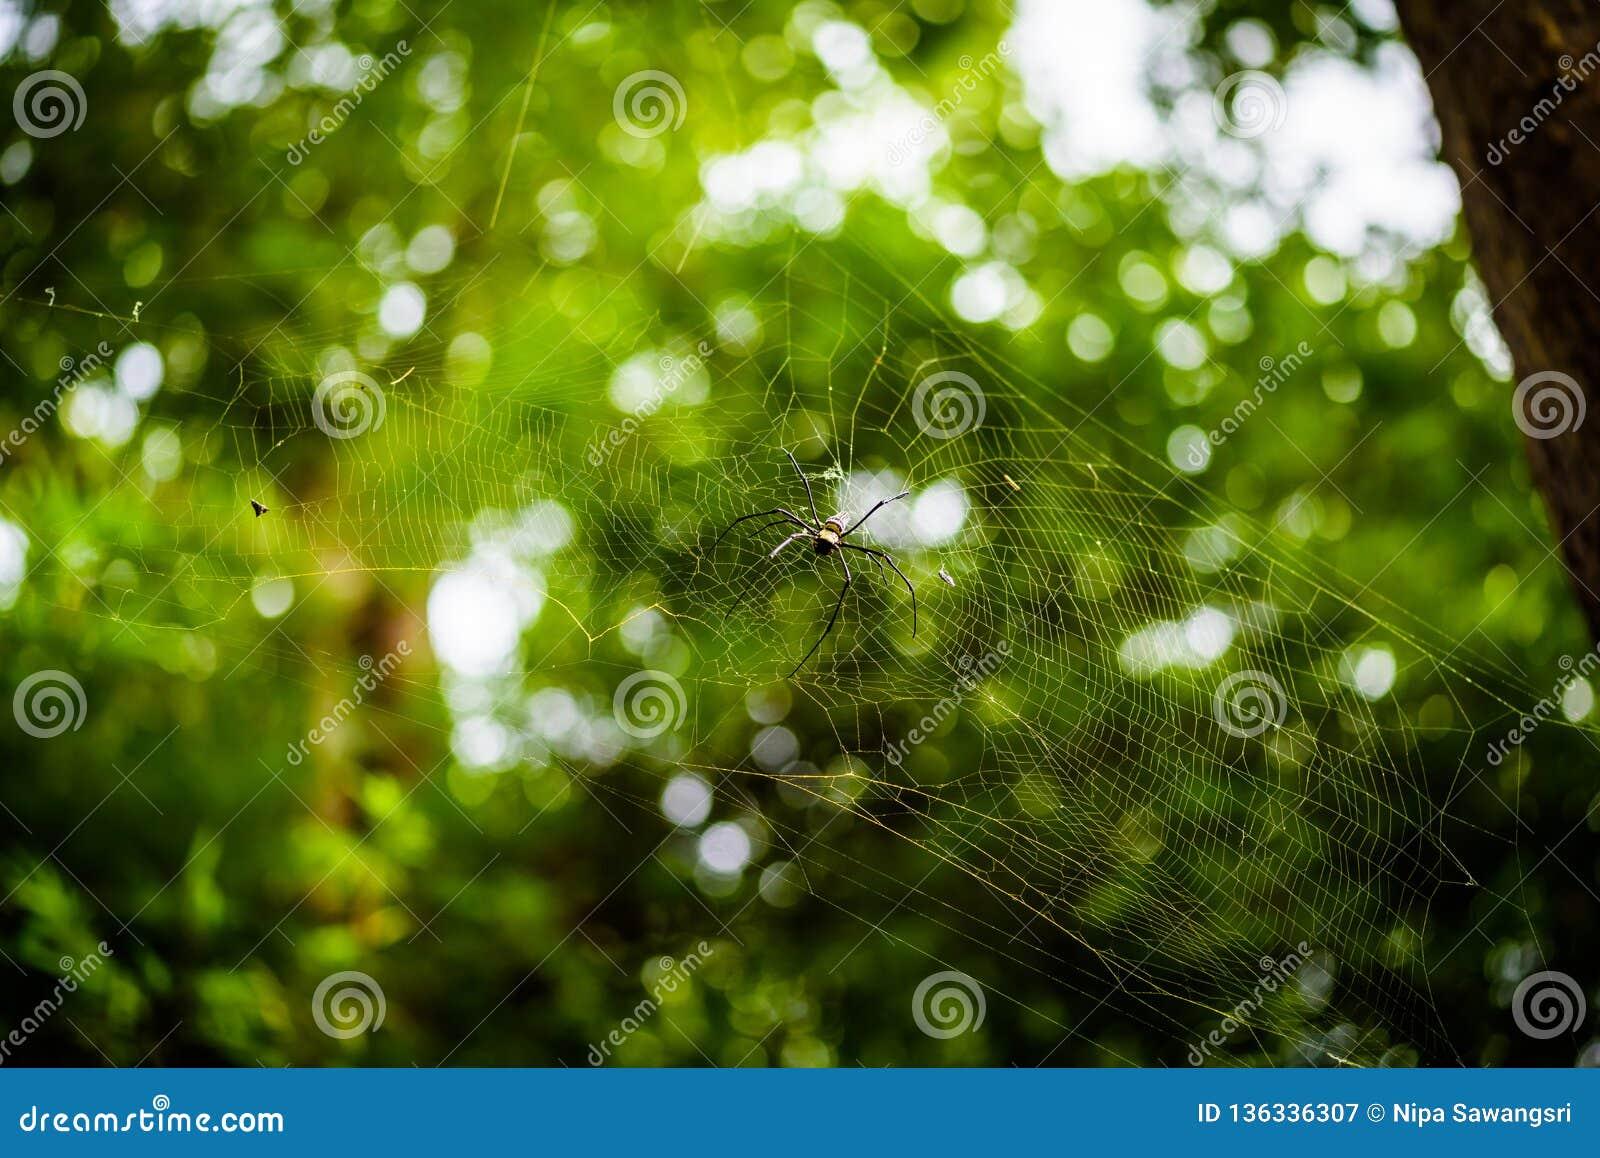 Χρυσός υφαντής Nephila σφαιρών μεταξιού ή γιγαντιαίες ξύλινες αράχνες, ή αράχνες μπανανών Μεγάλη ζωηρόχρωμη αράχνη στον Ιστό του